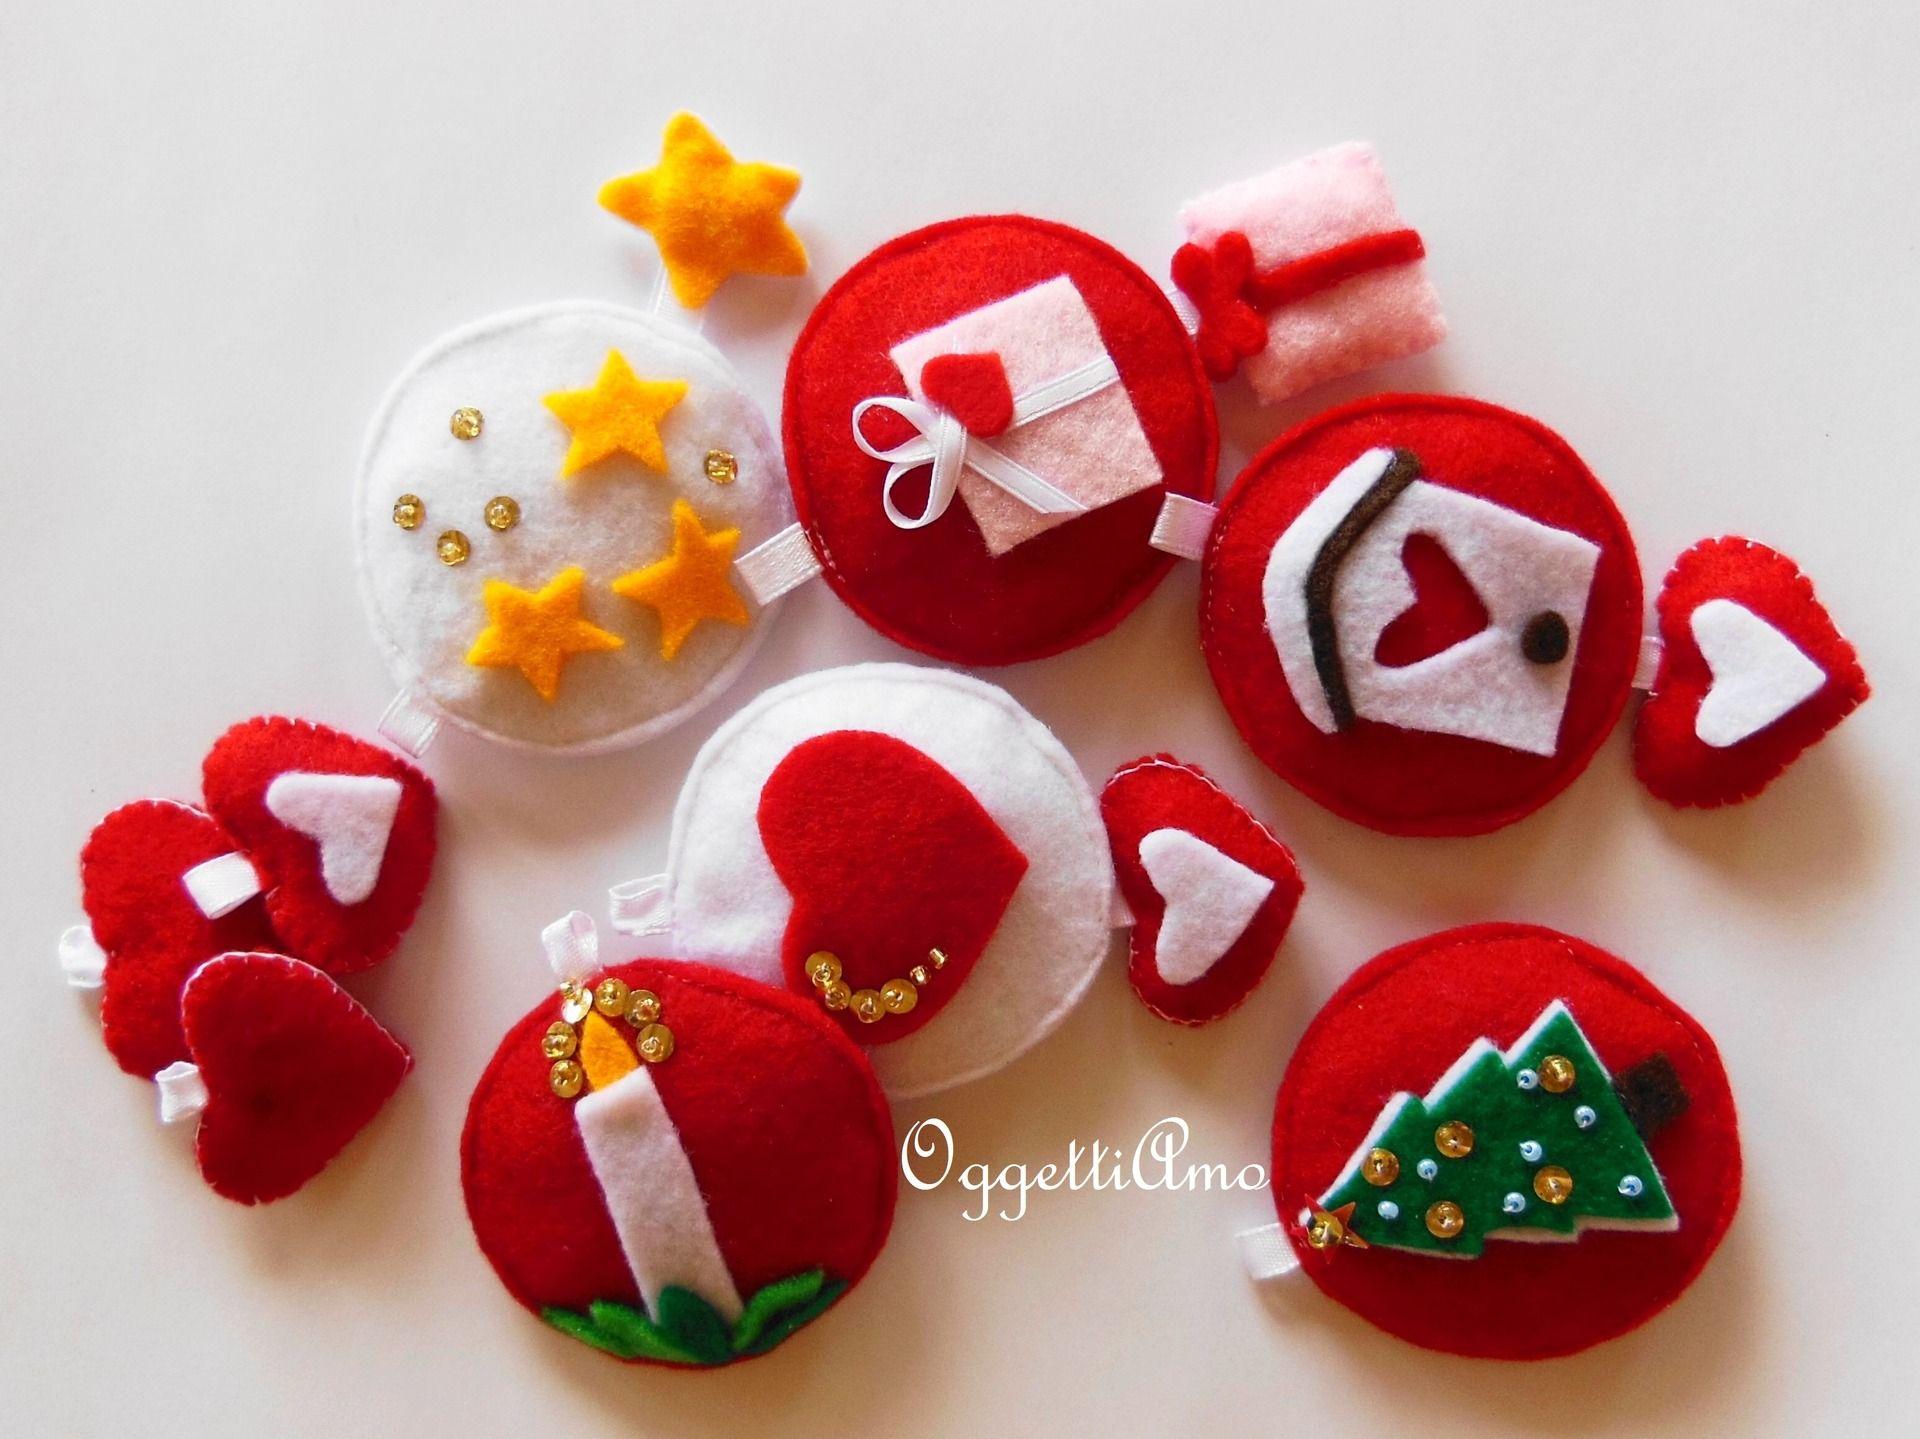 Set di decorazioni natalizie in feltro rosso e bianco - Decorazioni natalizie ...